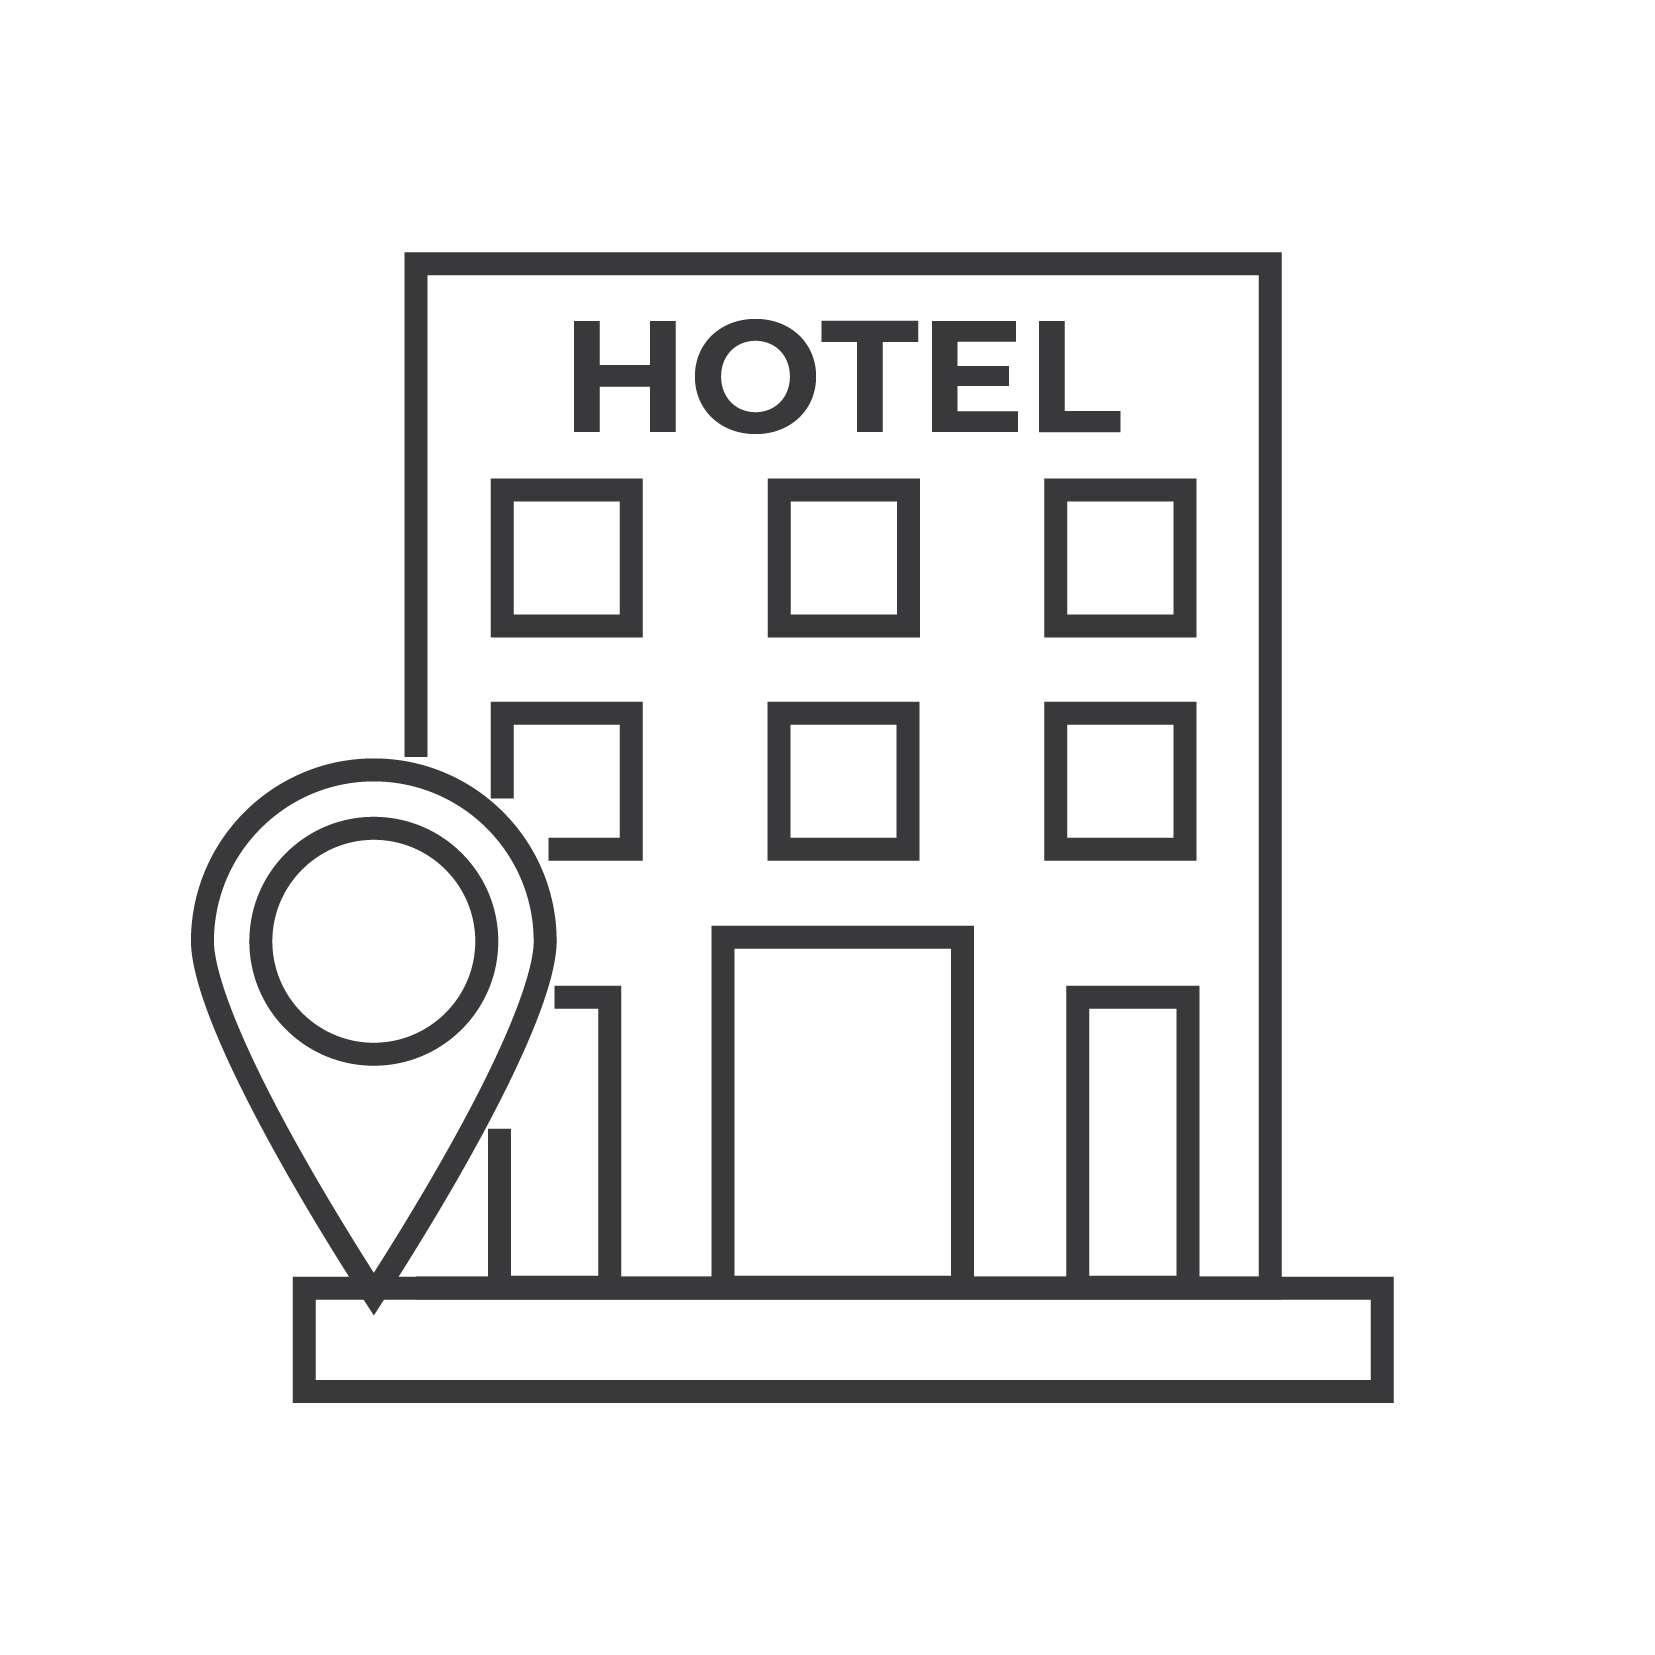 hotel-icon-tourismos